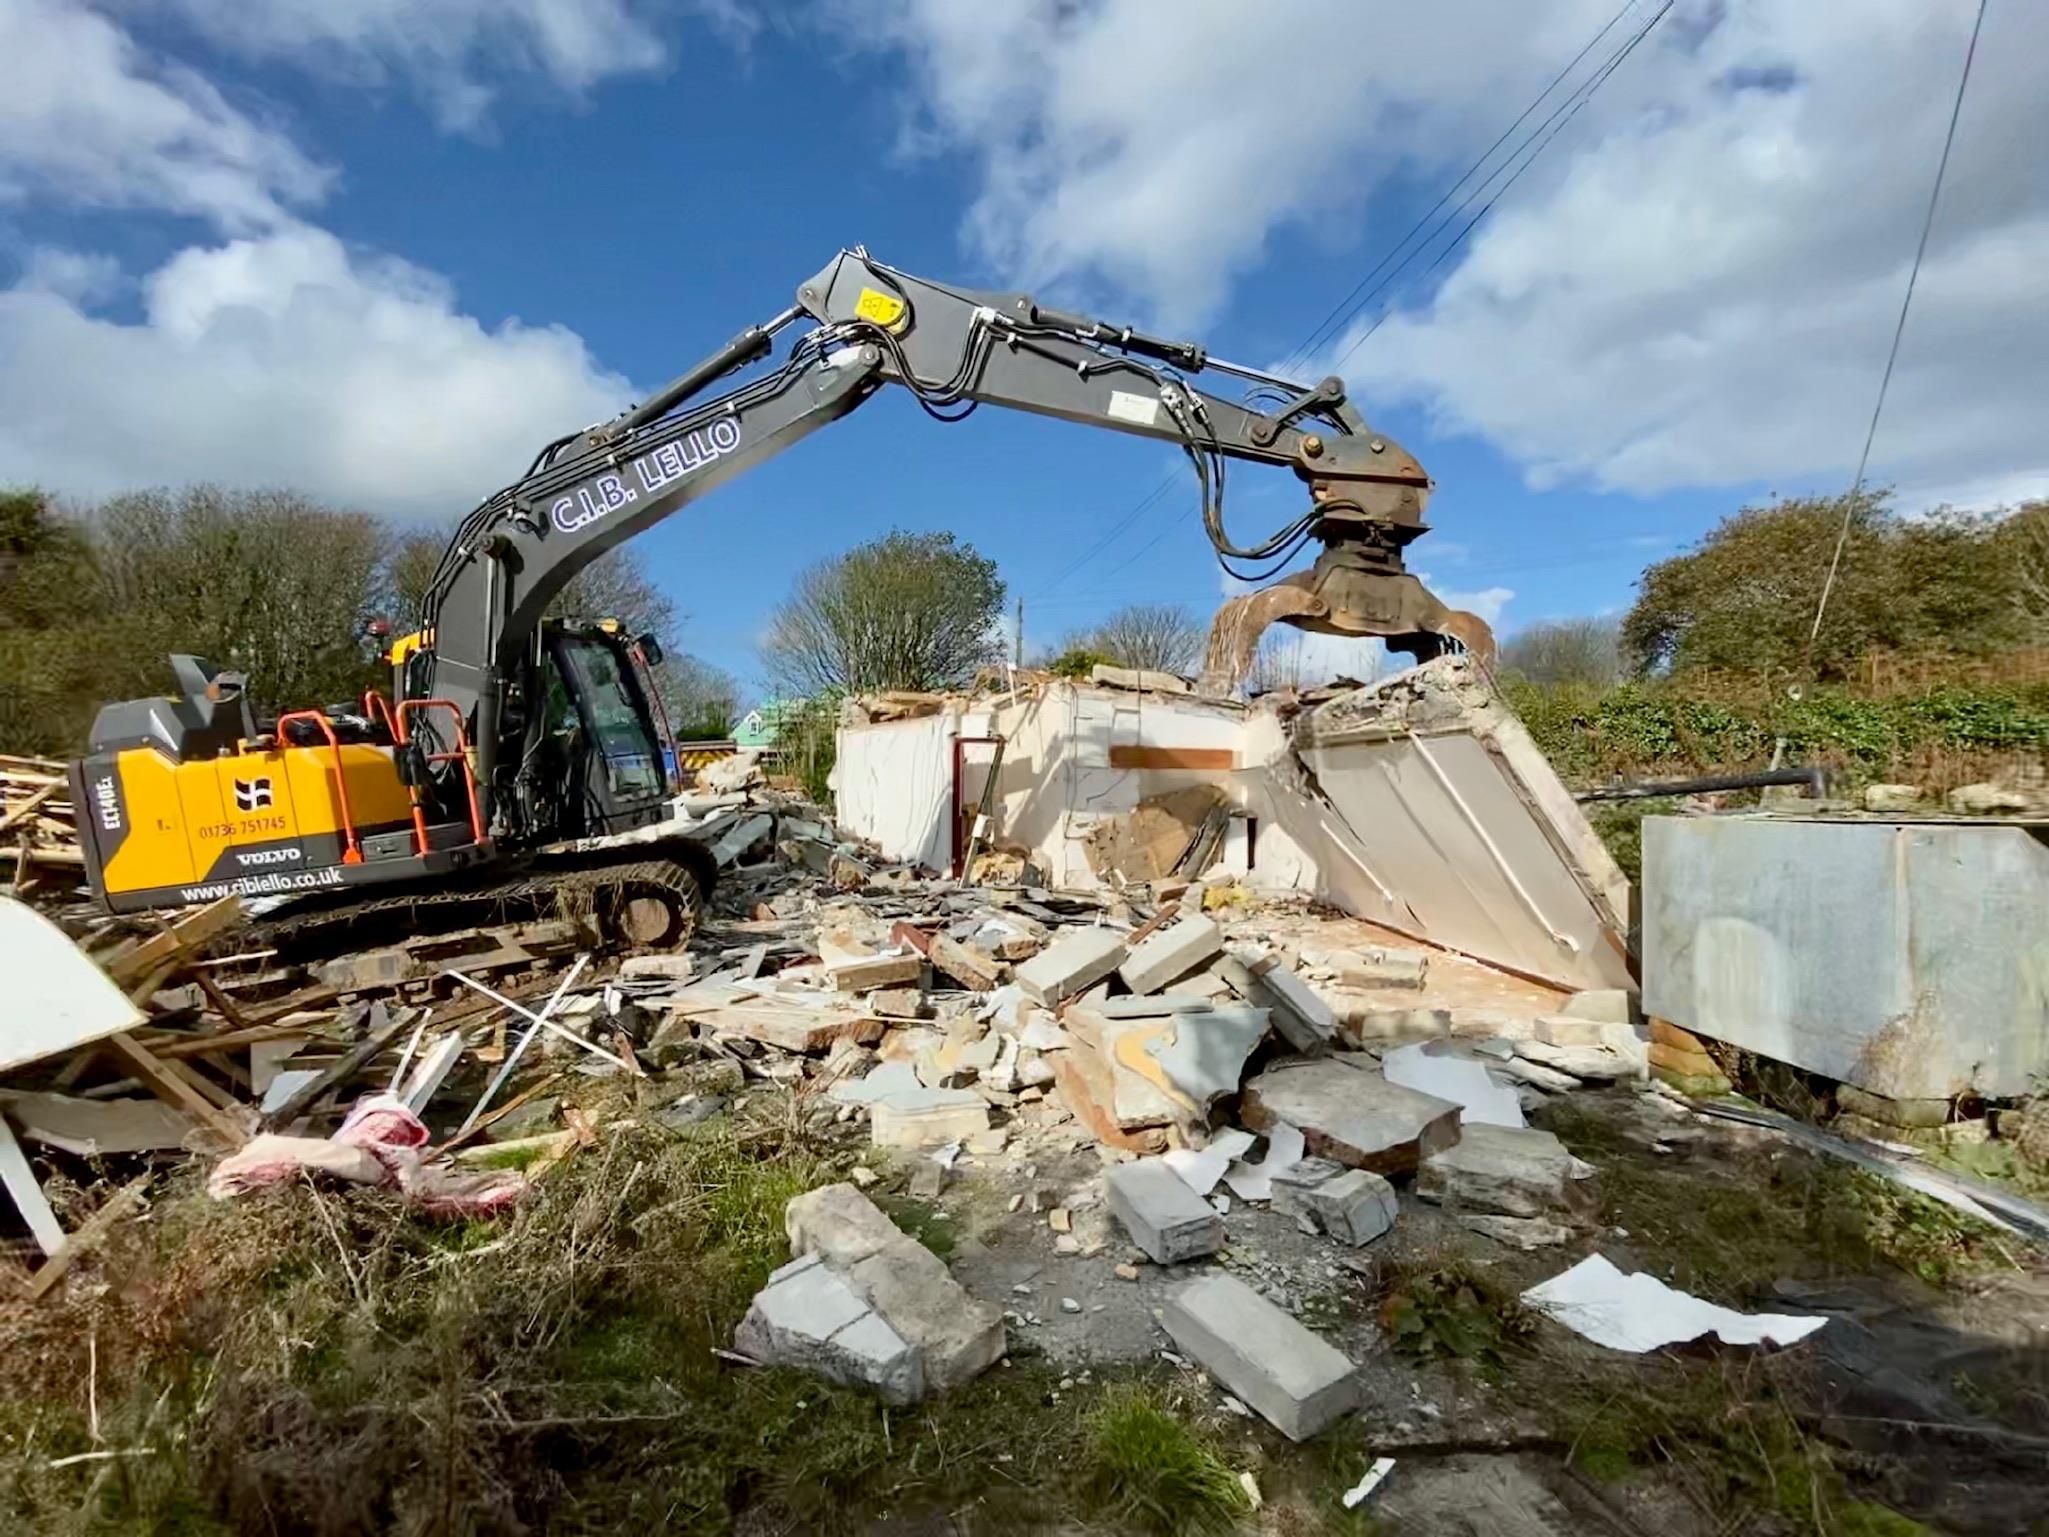 Tresowes Demolition